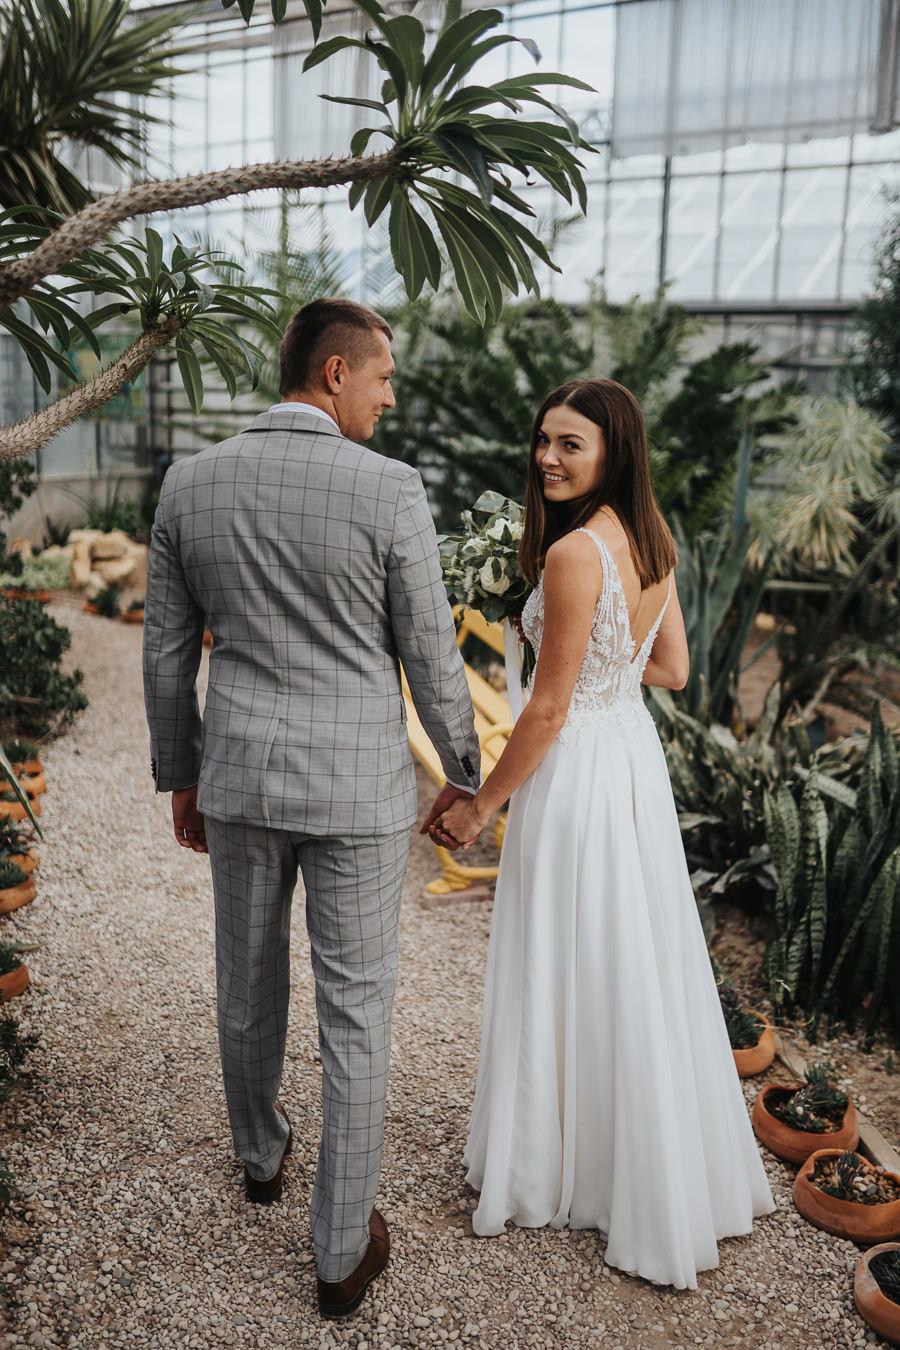 Sesja poślubna w oranżerii 22